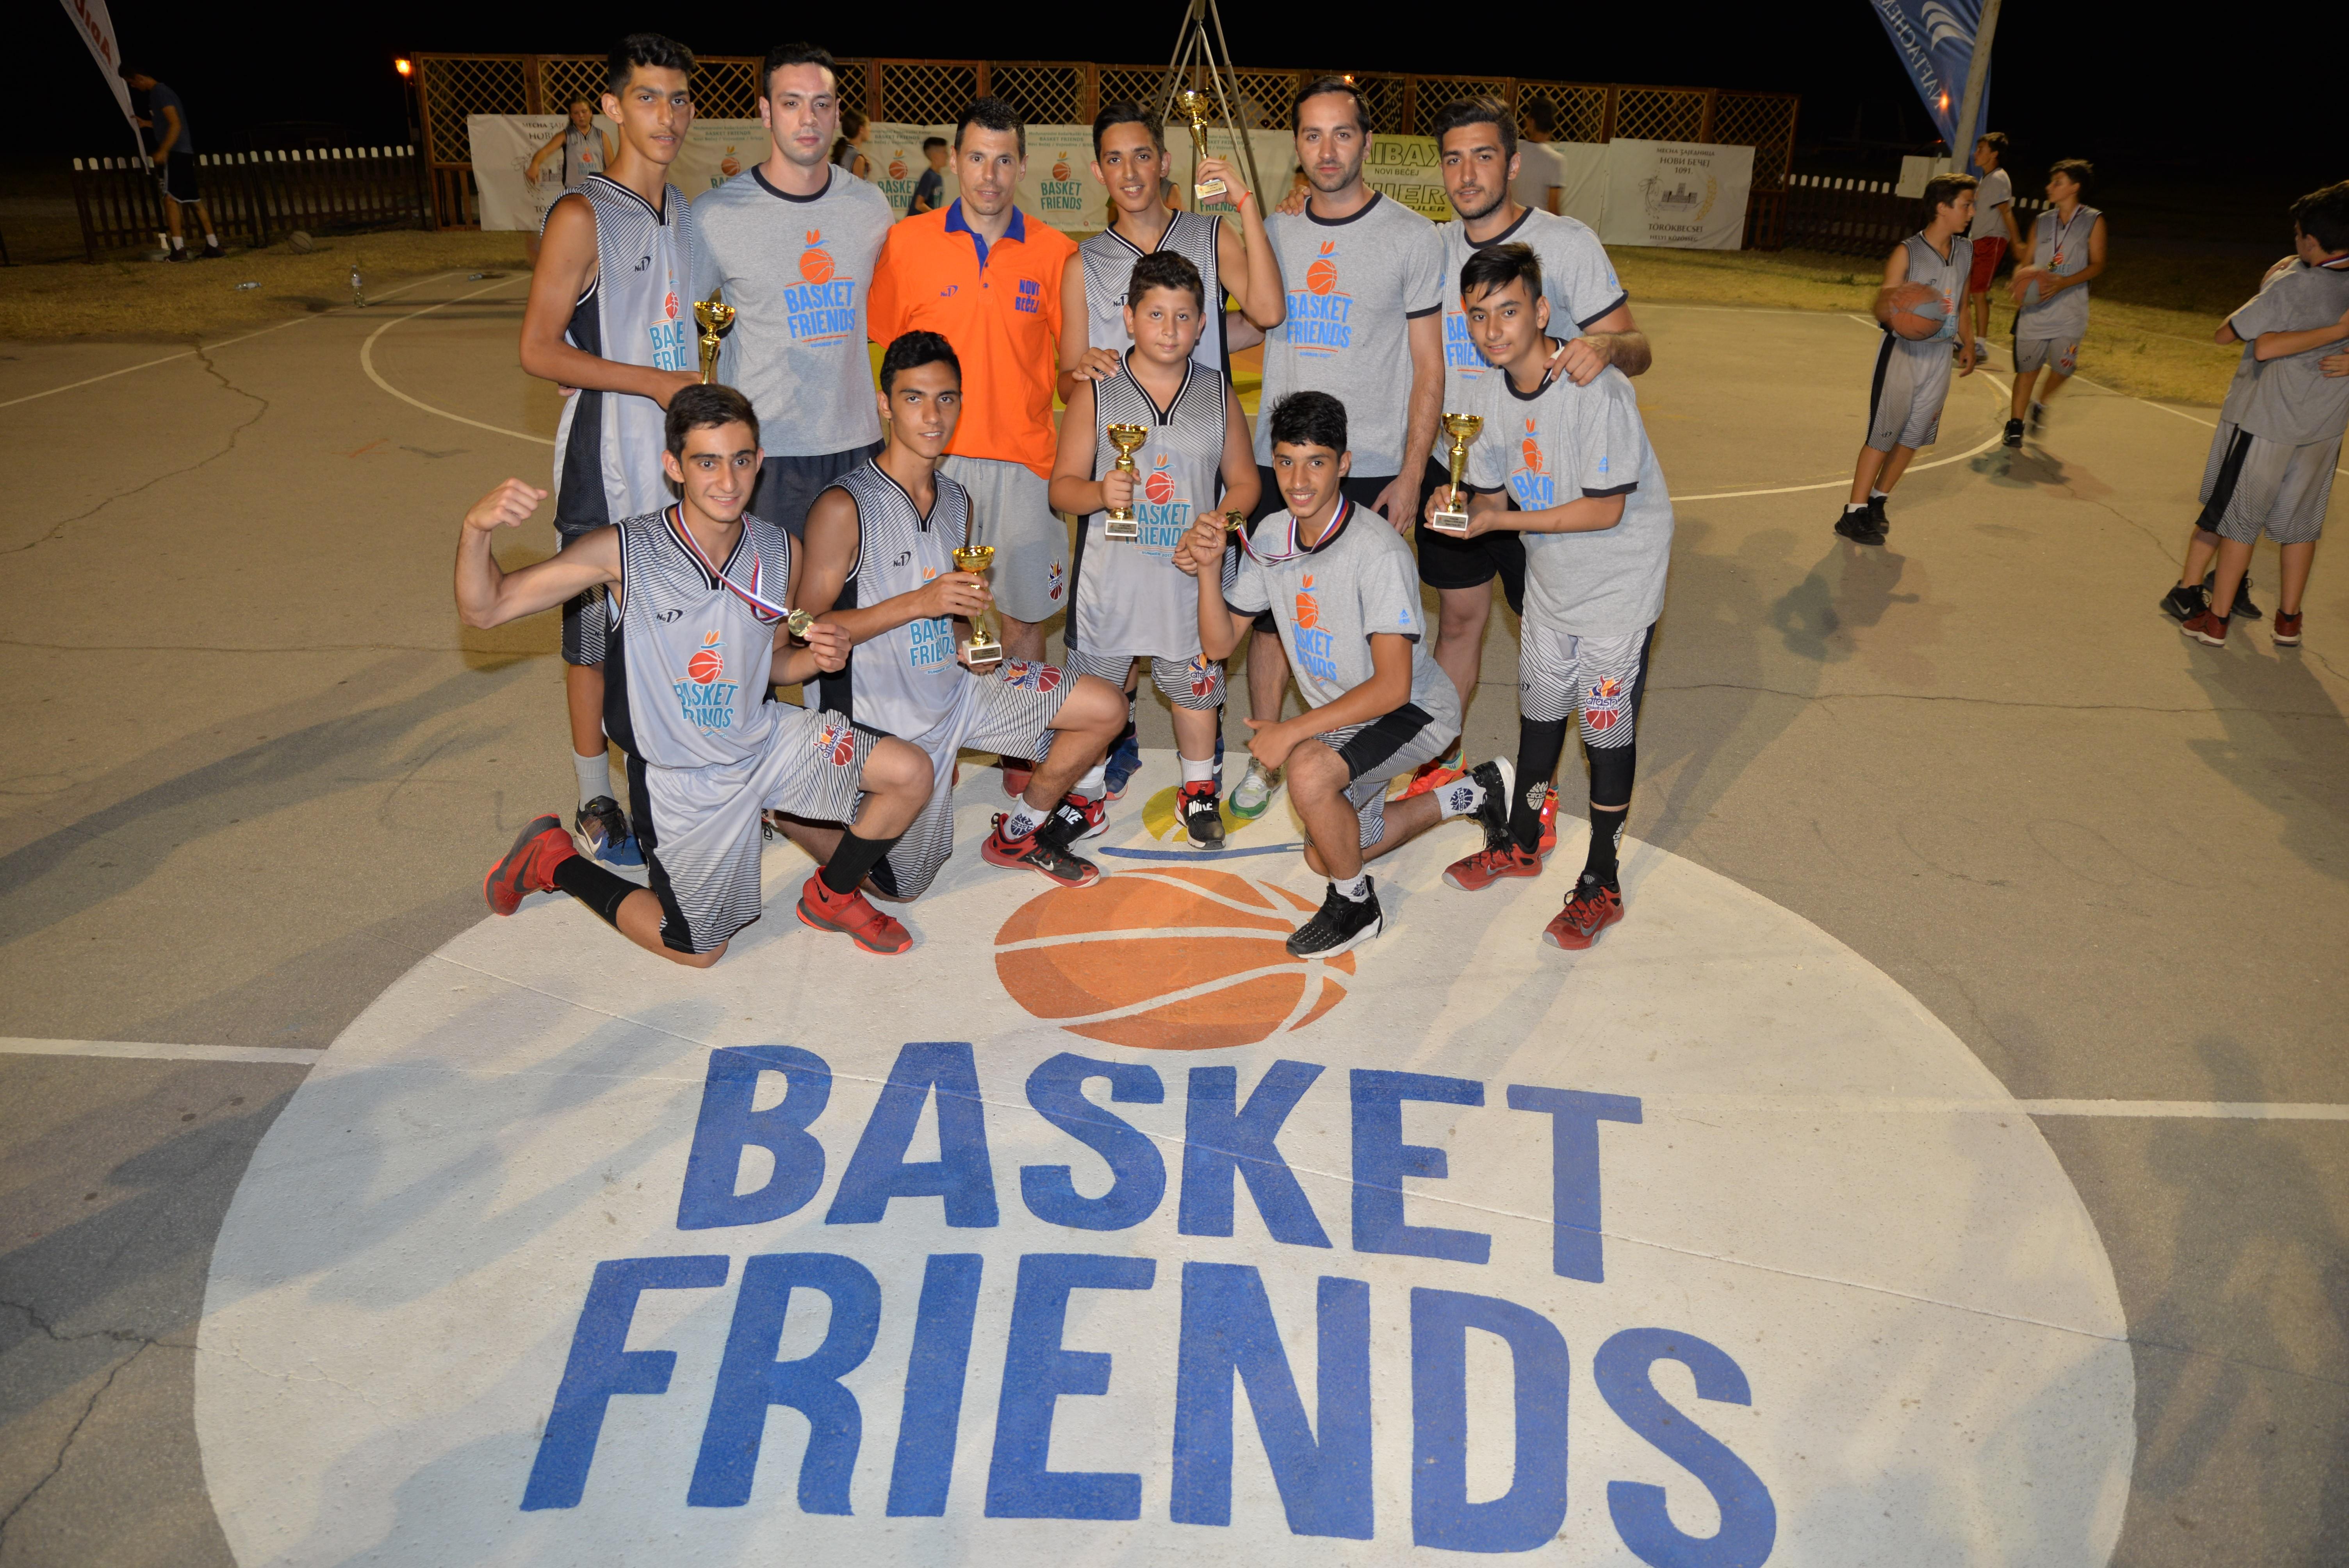 Basketfriends 2017. - učesnici kampa iz Irana